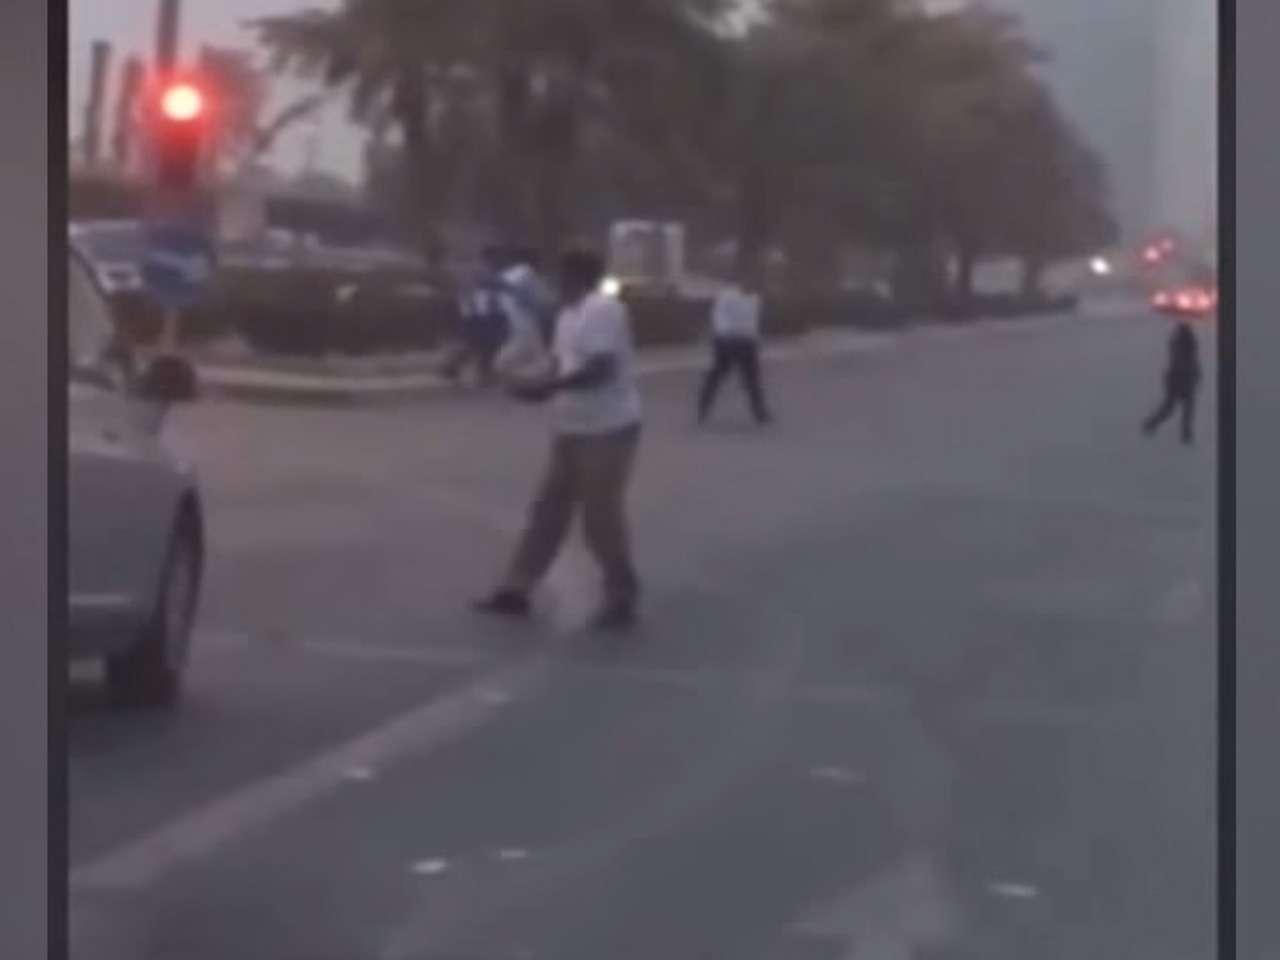 El incidente ocurrió el 11 de febrero pero hasta ahora se publicó el video Foto: YouTube